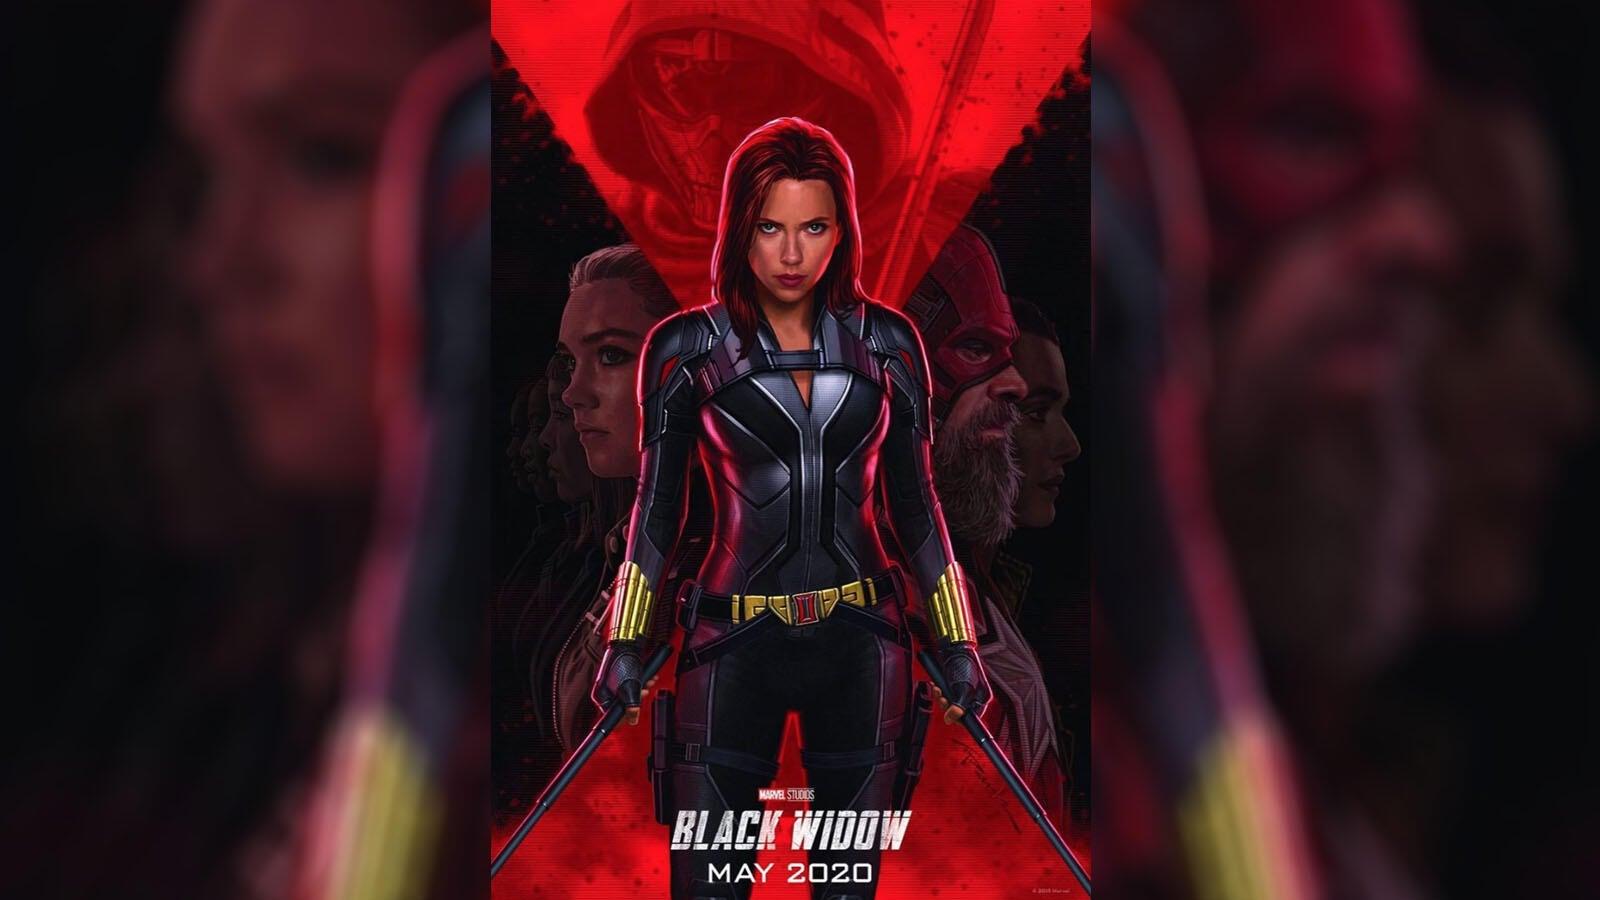 Scarlett Johanssons Black Widow Teaser Trailer Released Al Bawaba 1600x900